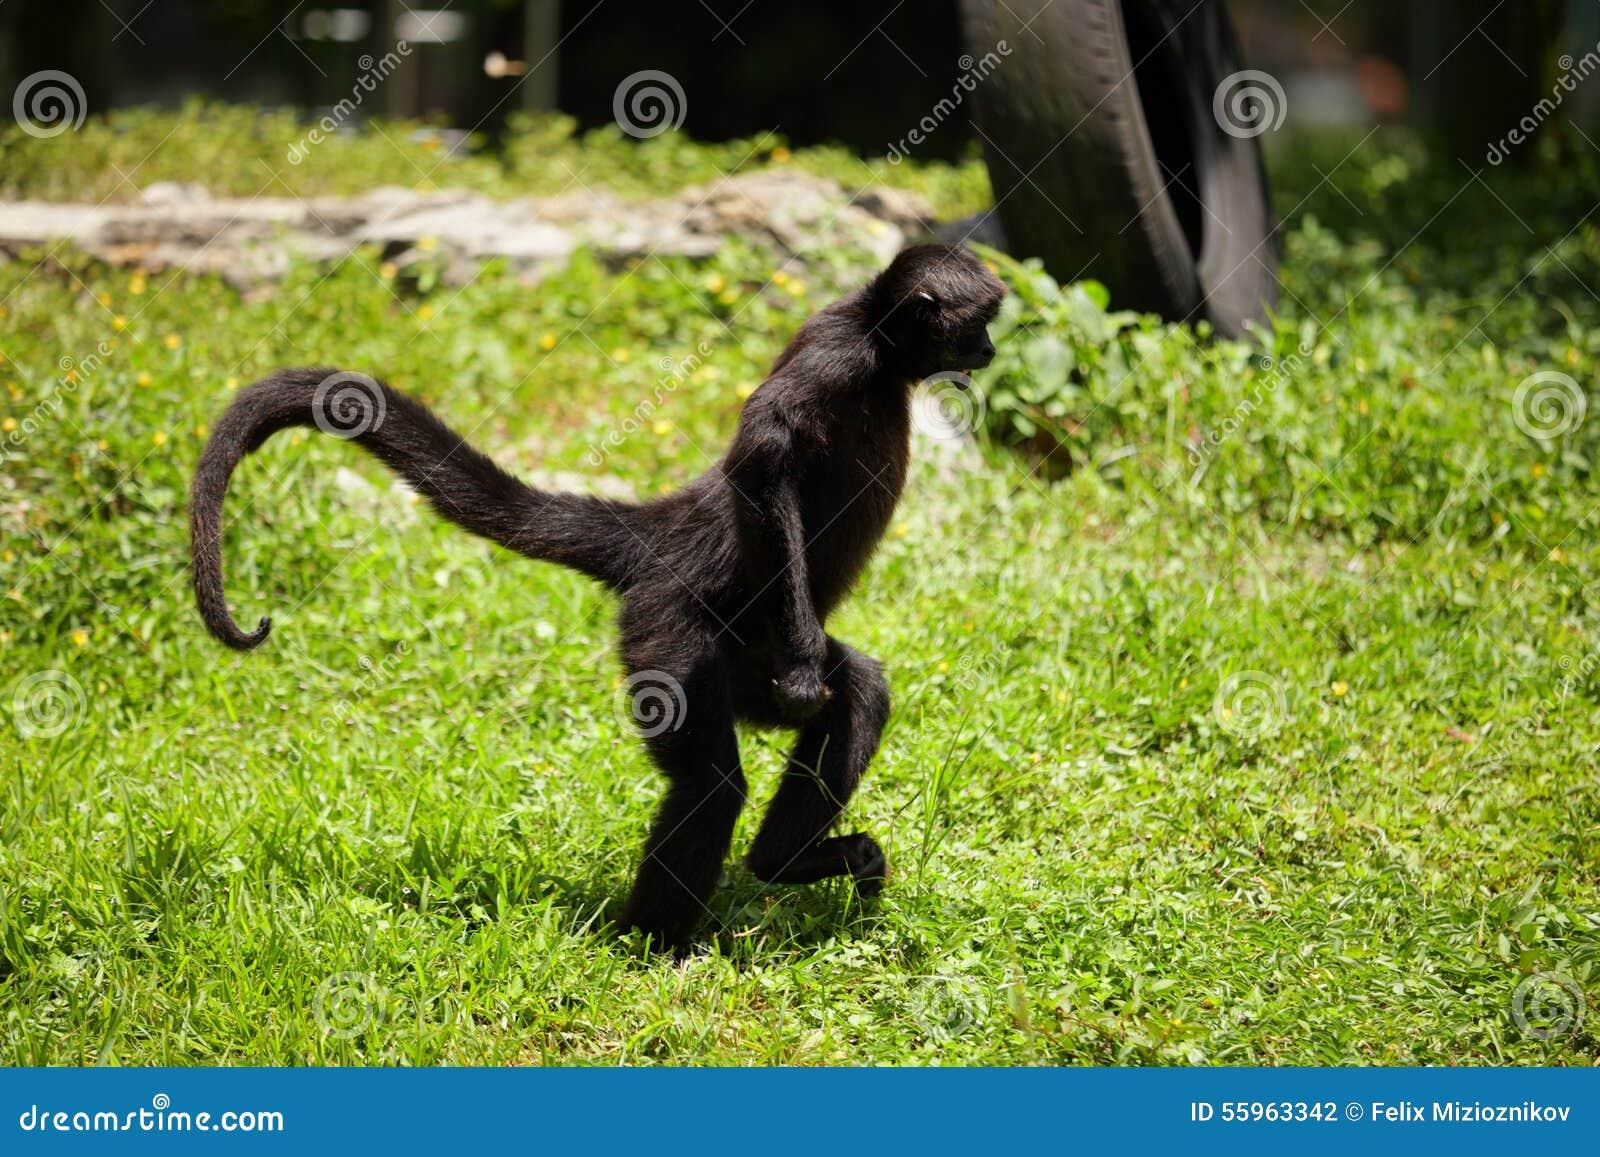 K Kutta Monkey Walk Download Spider Monkey stock ph...